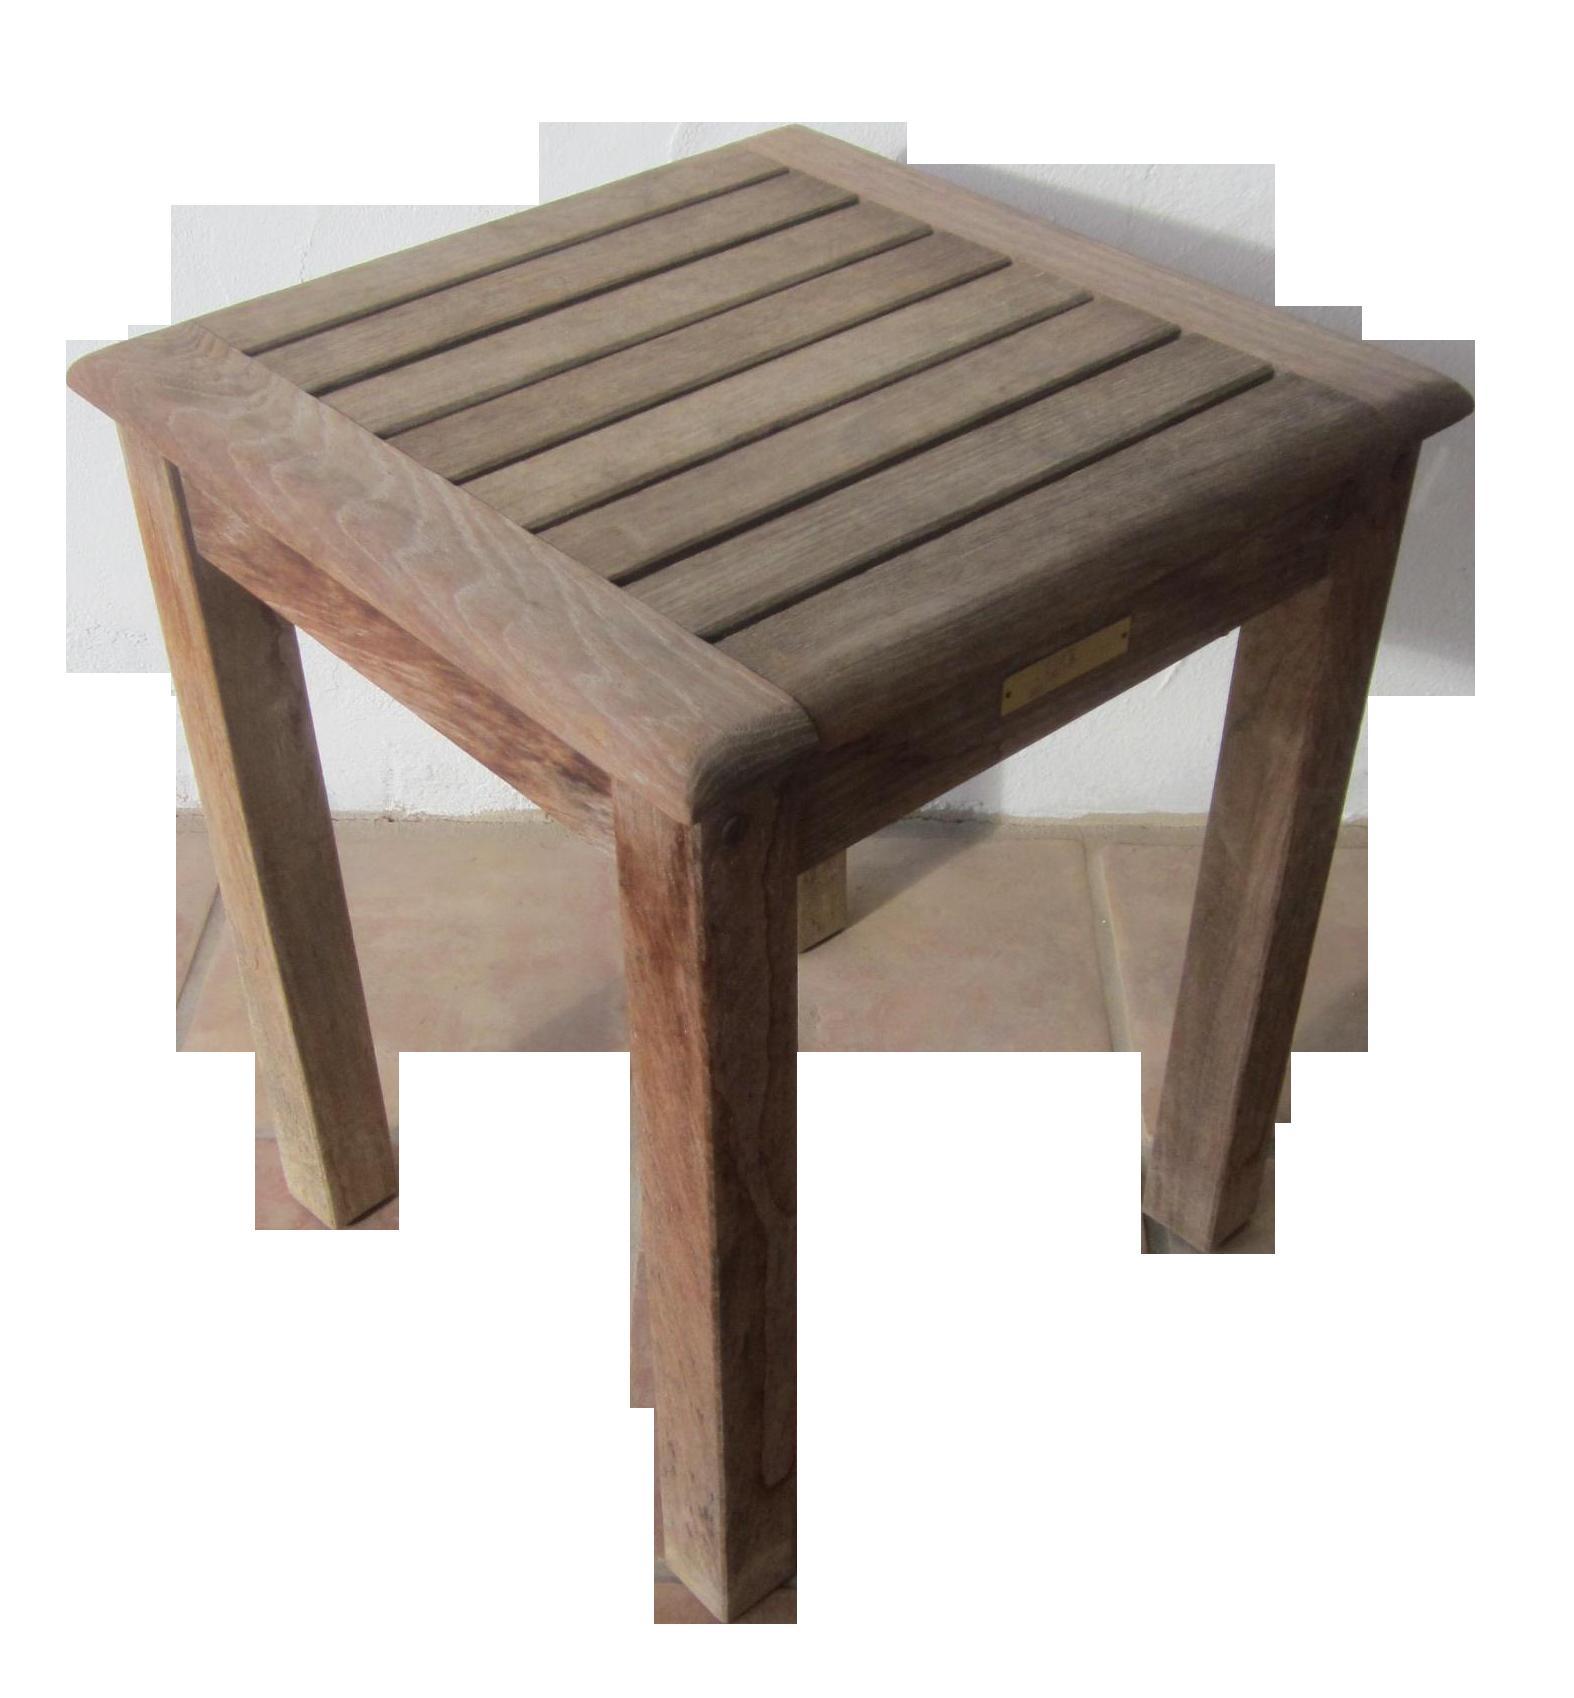 Teak Table, Kingsley Bate Outdoor Patio Furniture Part 90